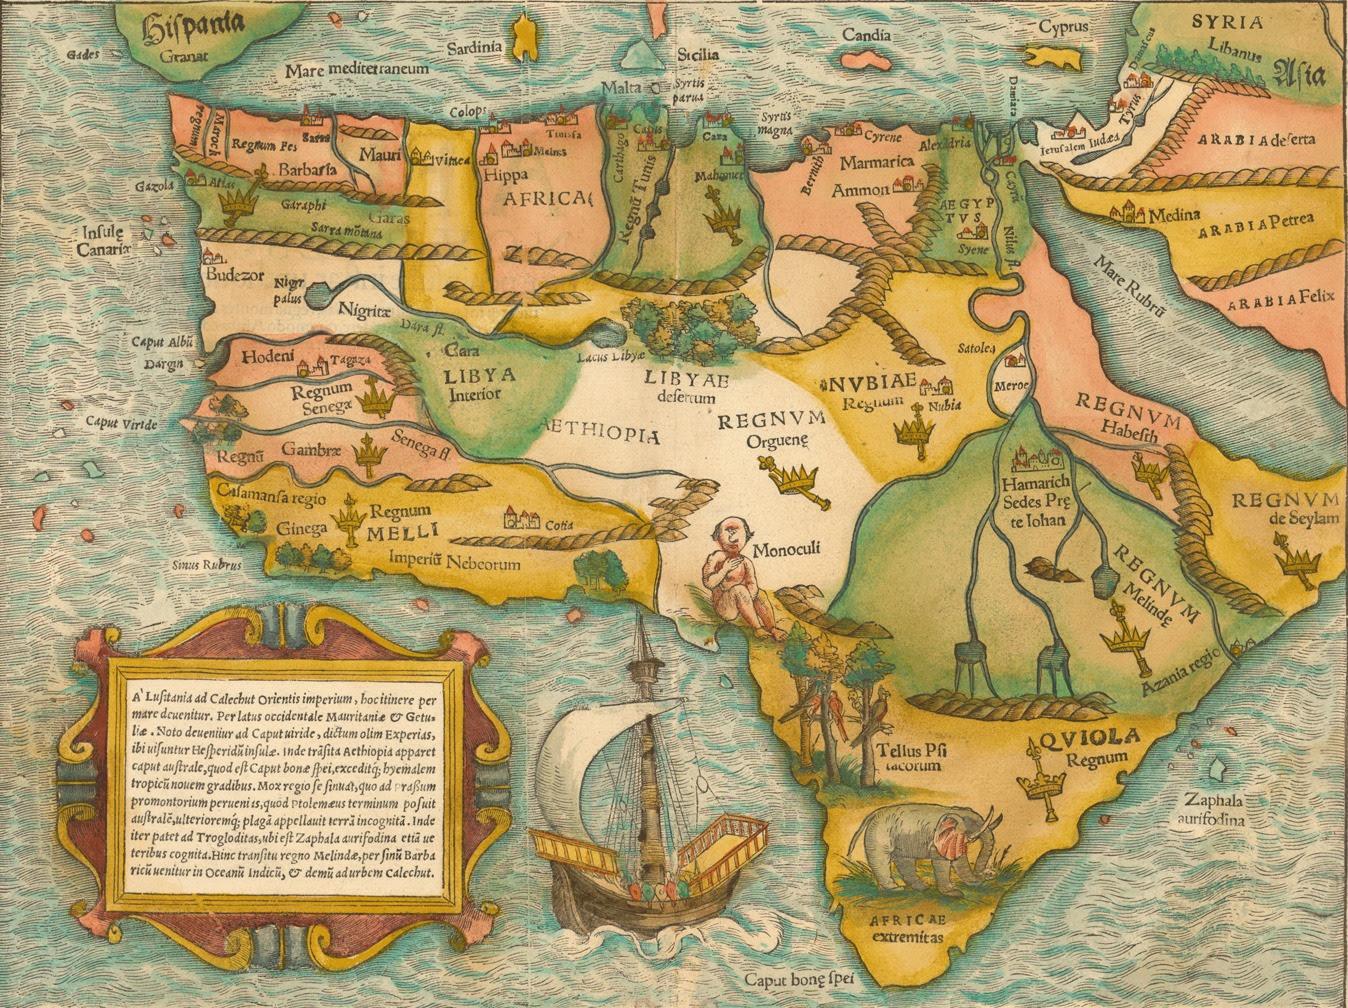 Quand La Carte De Lafrique Ressemblait Vaguement à Celle Des Etats